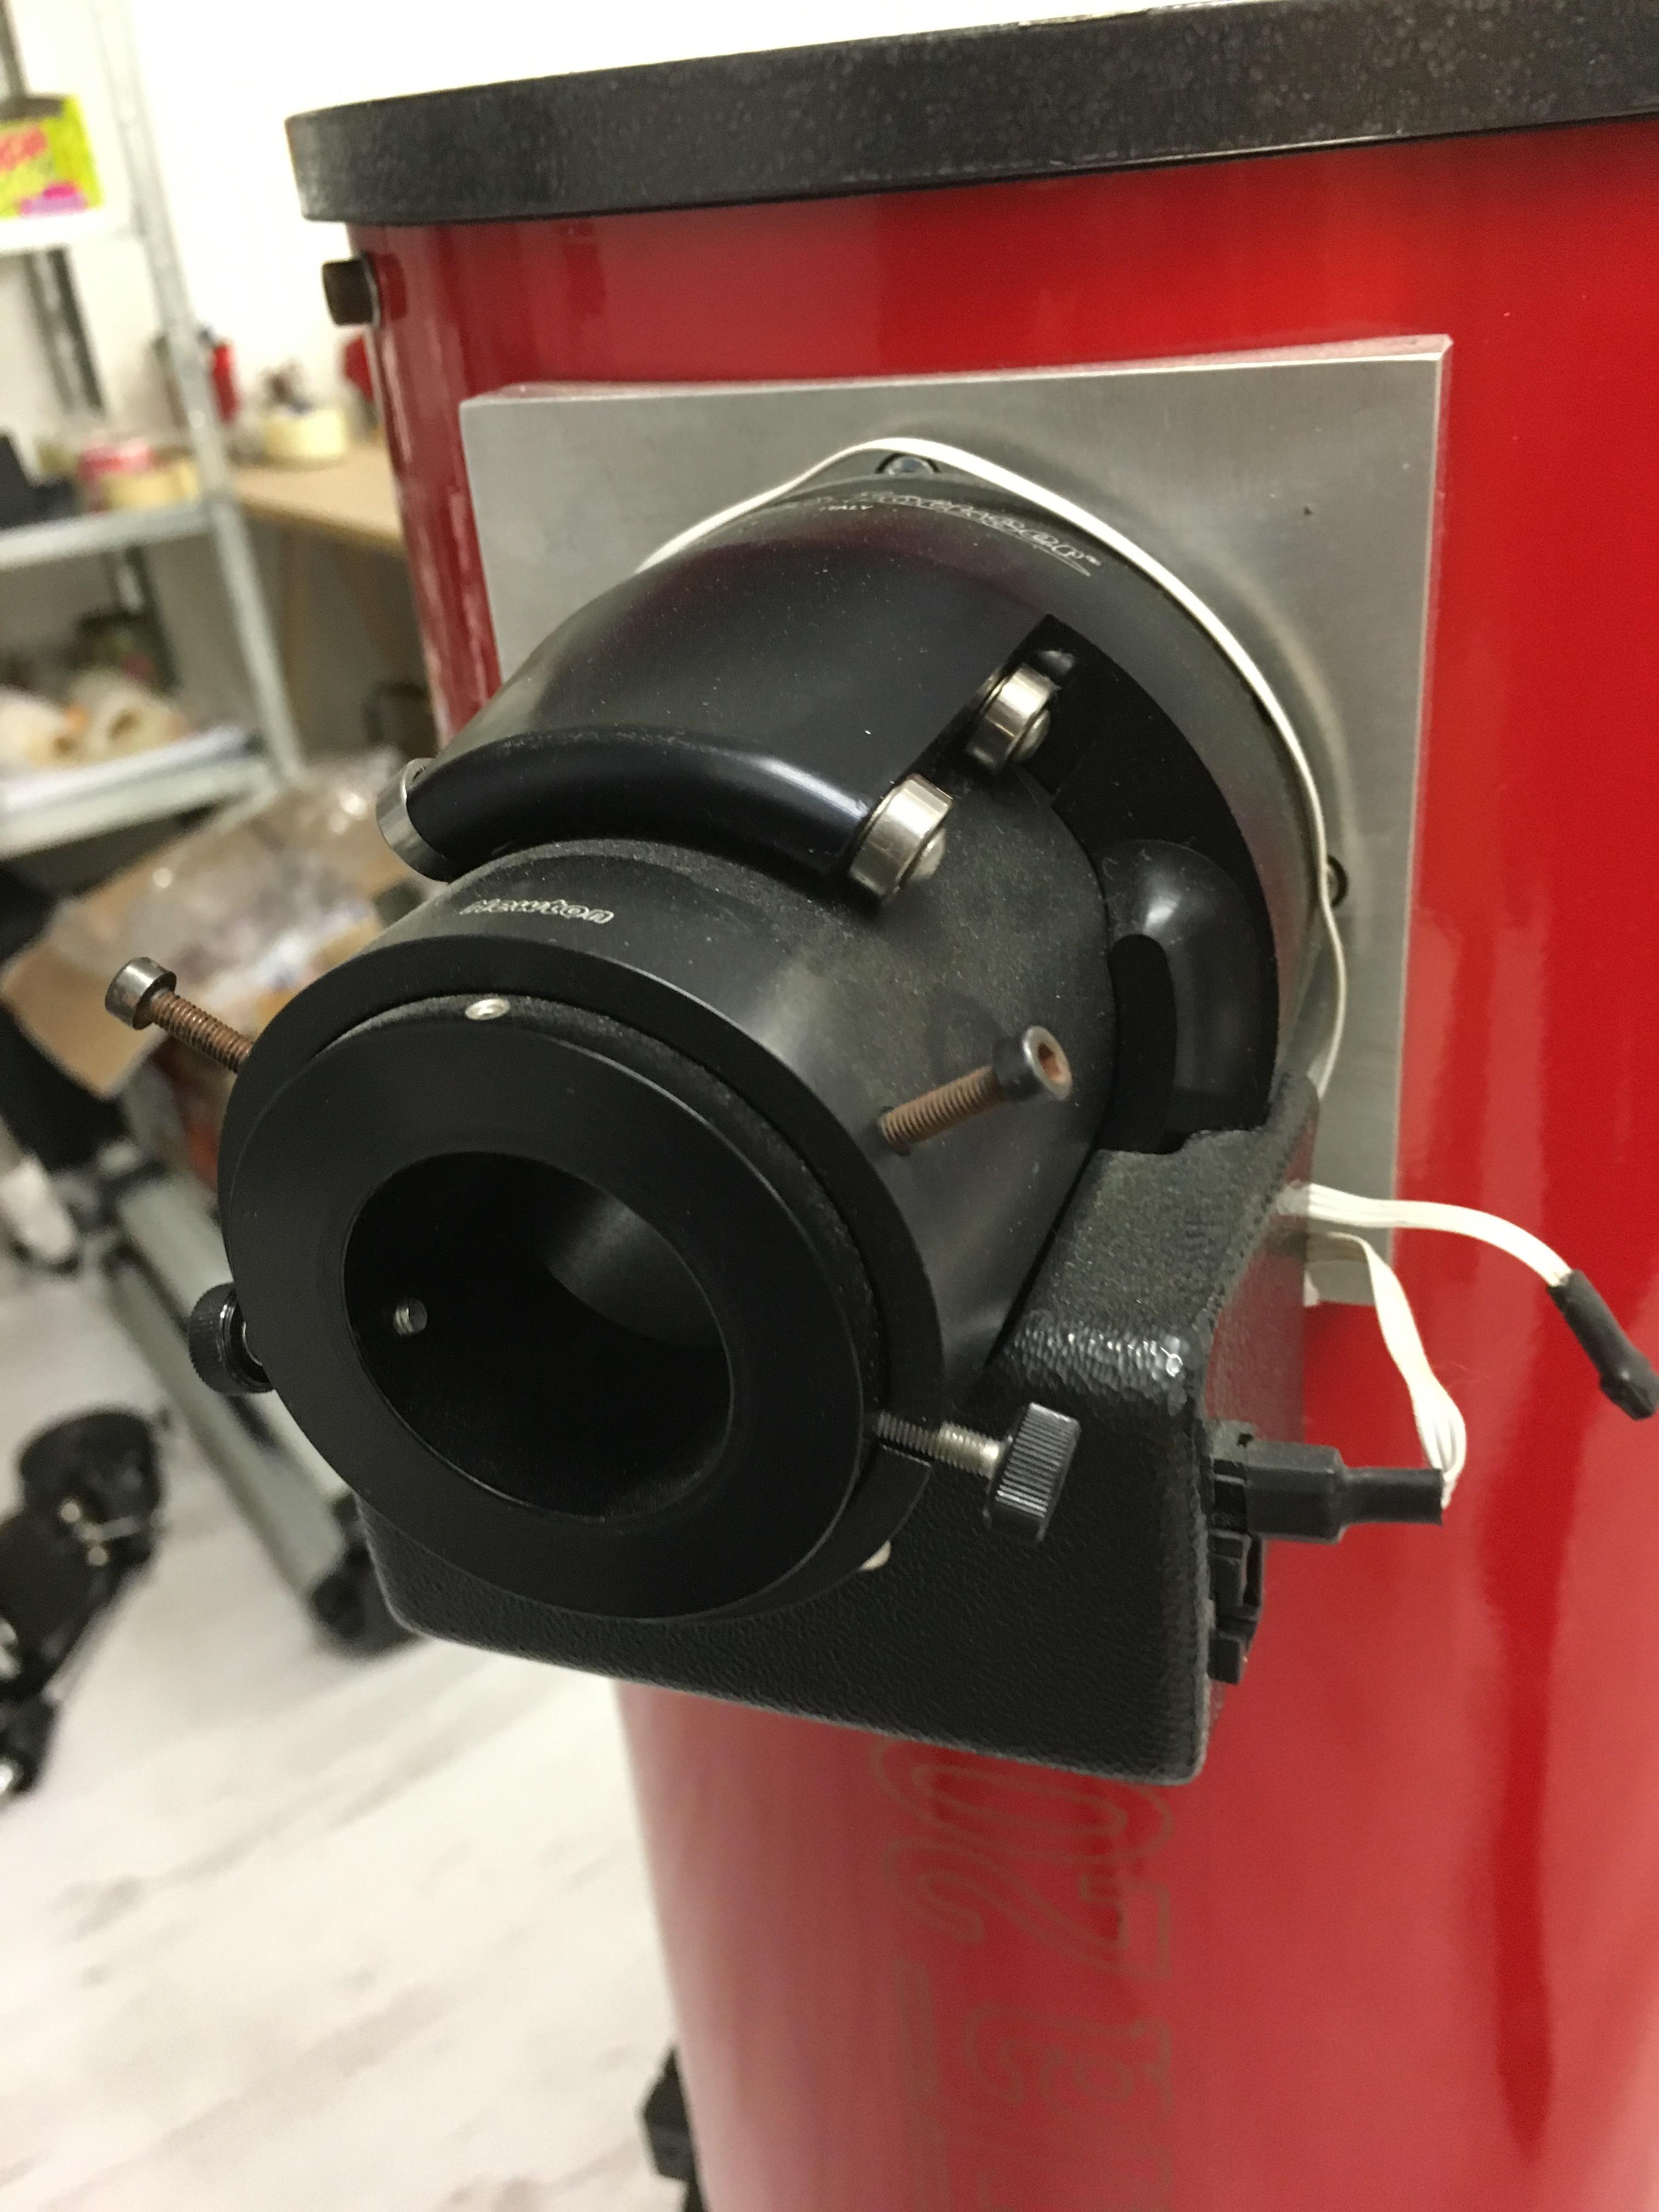 Newton 200/1200 con ottiche Giacometti ed intubazione Geoptik - valore del nuovo oltre 2000€